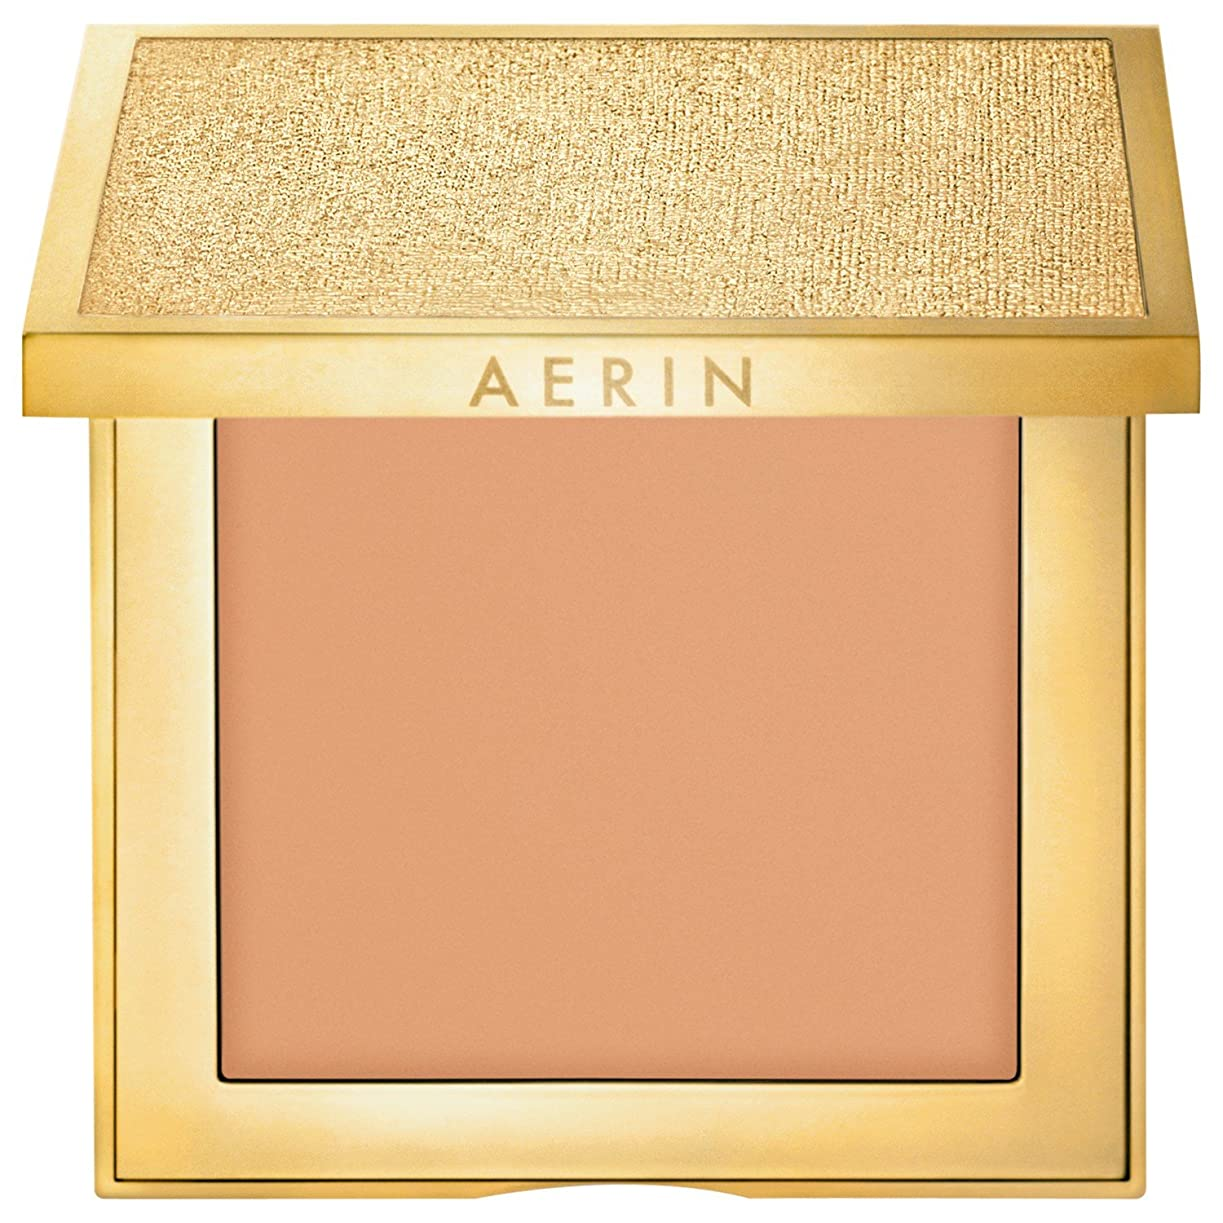 ふける椅子聖職者Aerin新鮮な肌コンパクトメイクアップレベル5 (AERIN) (x6) - AERIN Fresh Skin Compact Makeup Level 5 (Pack of 6) [並行輸入品]